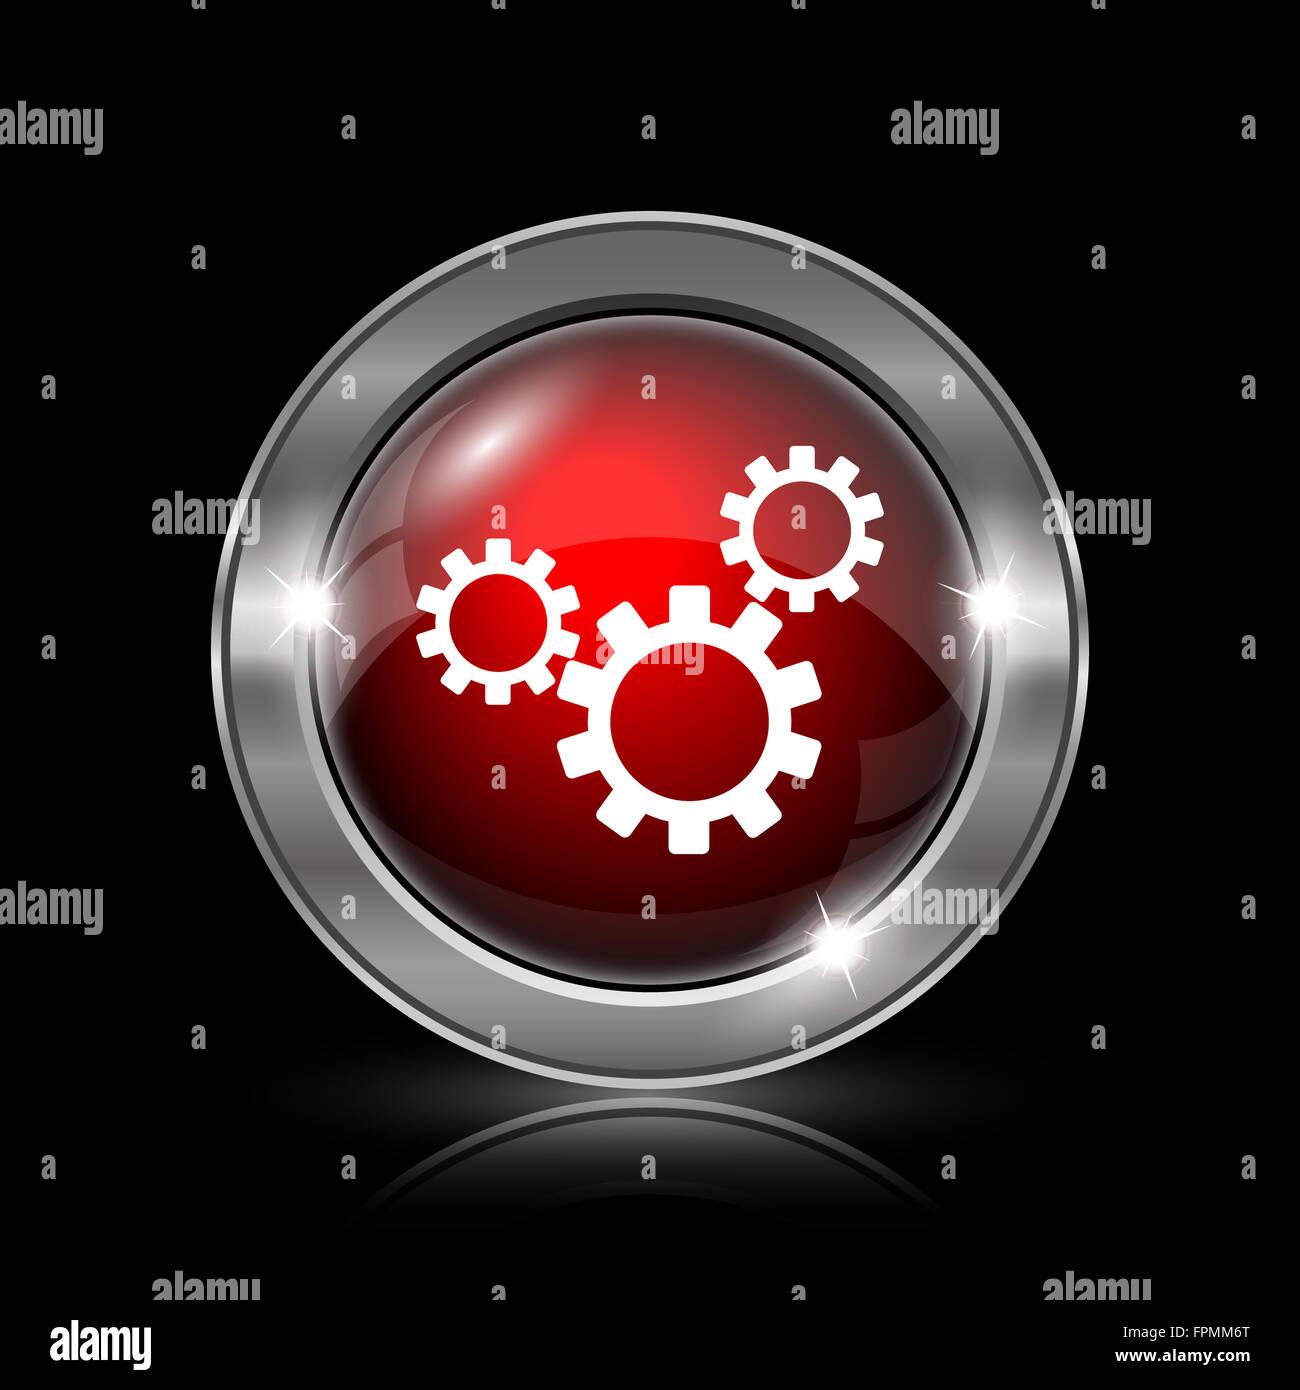 Settings Icon Metallic Internet Button On Black Background Stock Photo Alamy